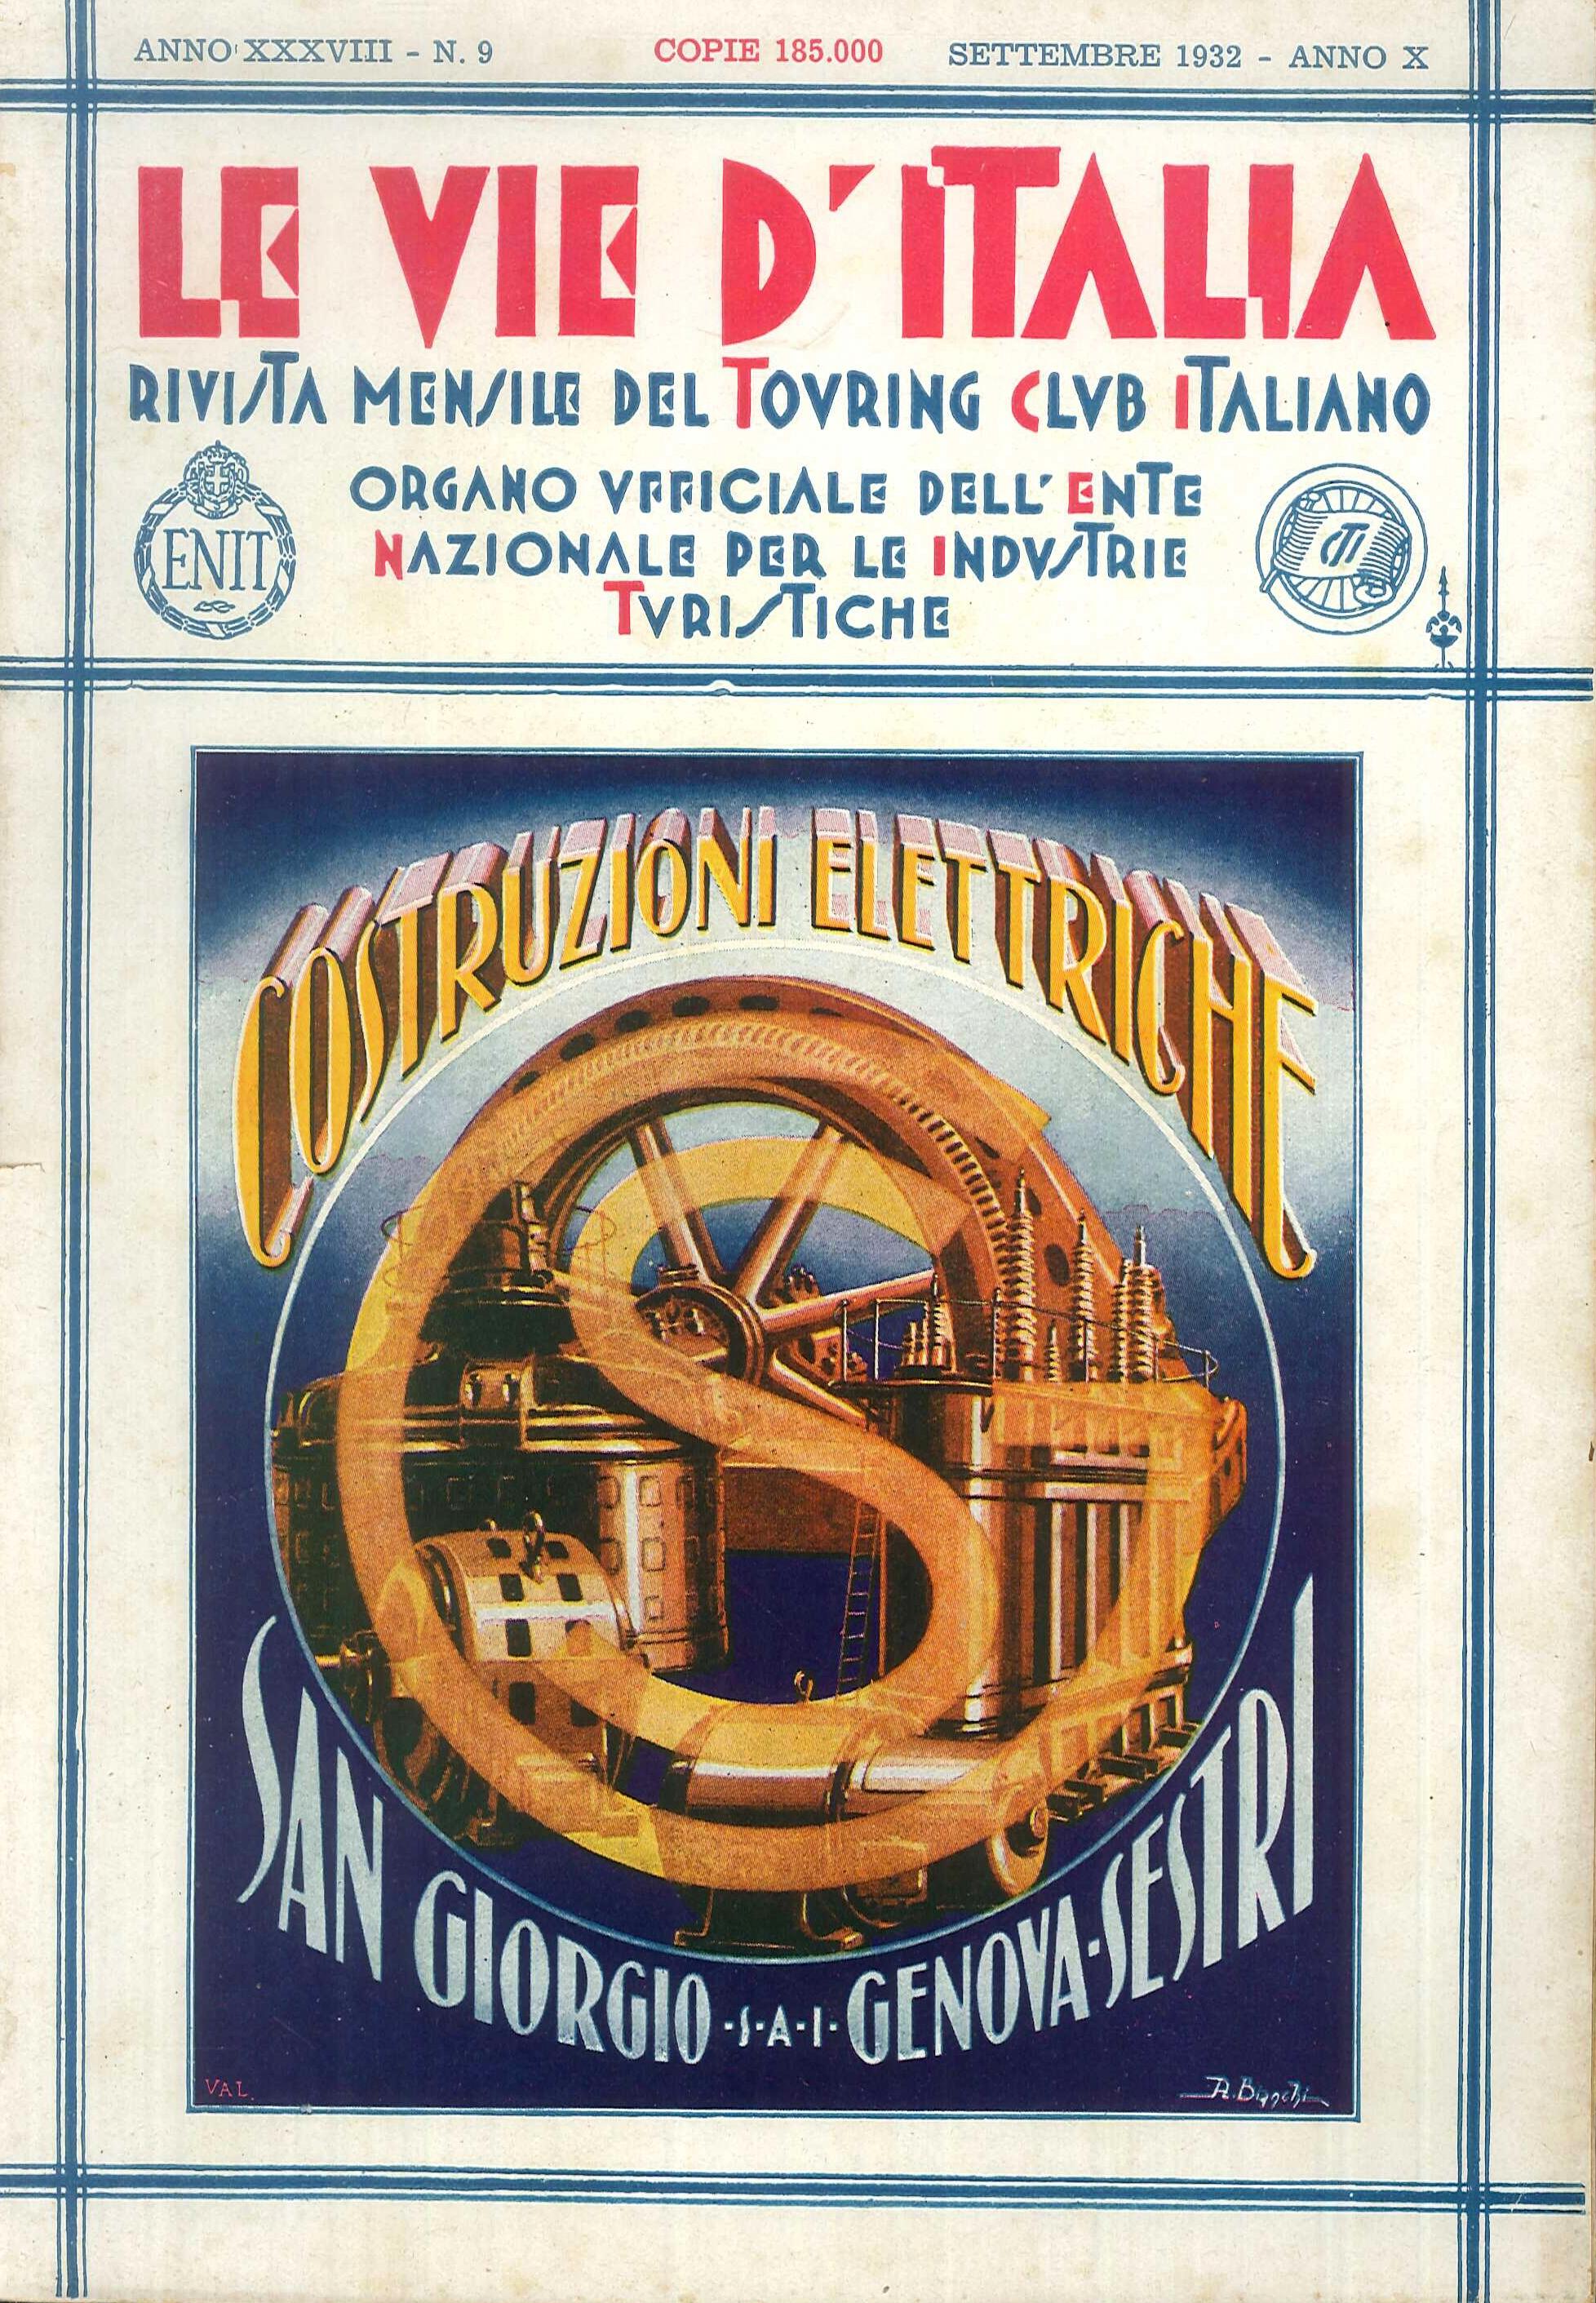 Le Vie d'Italia. Annata Inompleta N. 2-3-4-5-6-8-9-10-11-12. 1932. Rivista Mensile del Touring Club Italiano. Anno XXXVIII